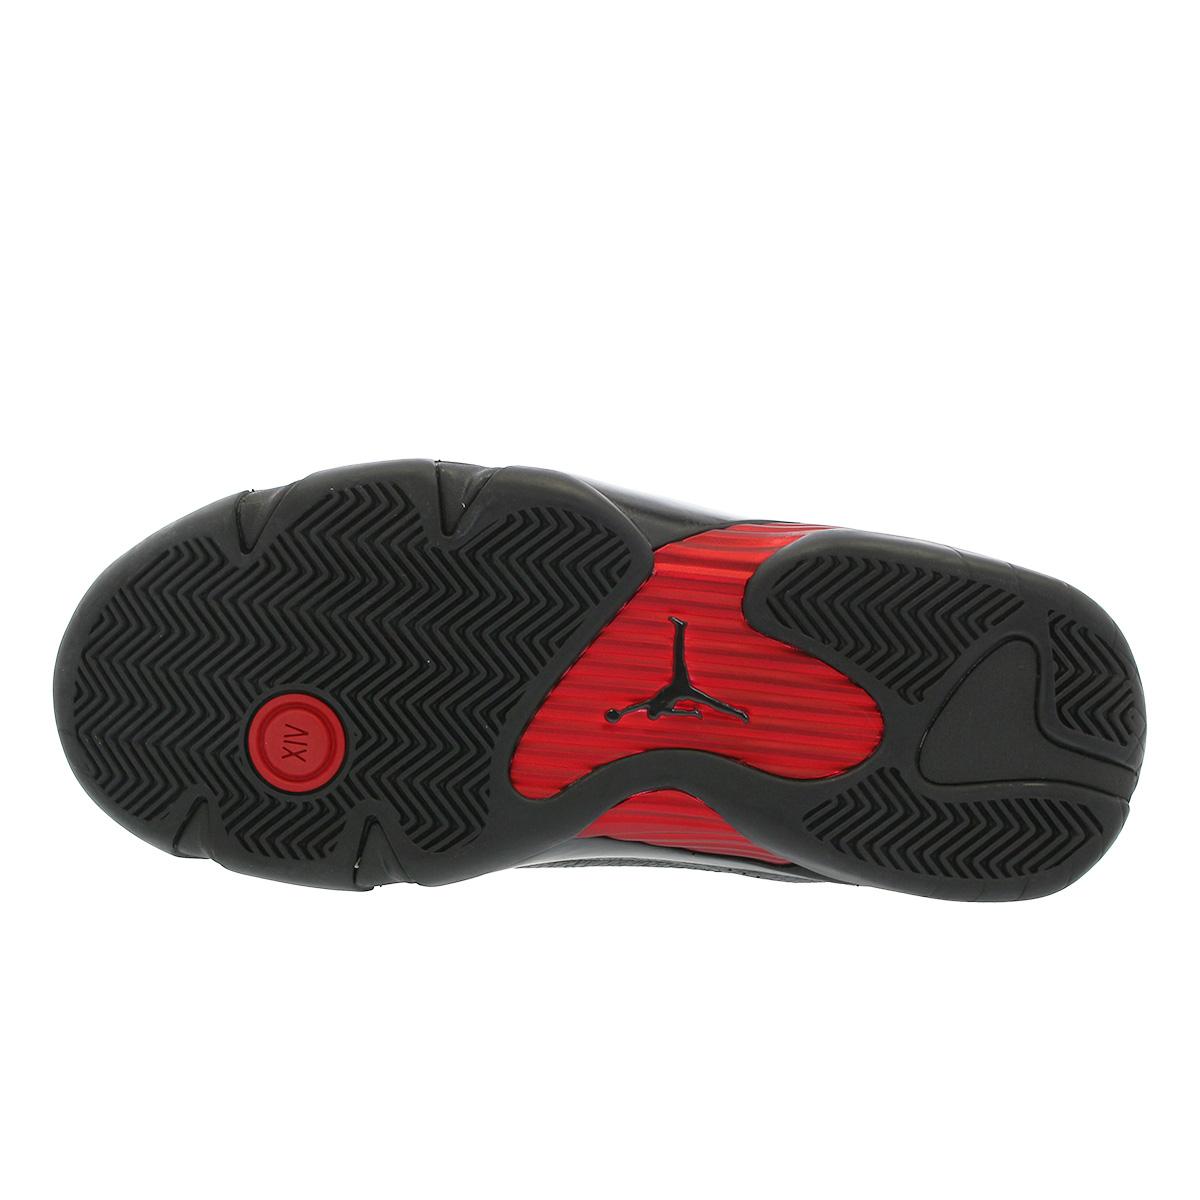 best sneakers 718f9 be6bd NIKE AIR JORDAN 14 RETRO Nike Air Jordan 14 nostalgic BLACK VARSITY RED  487,471-003